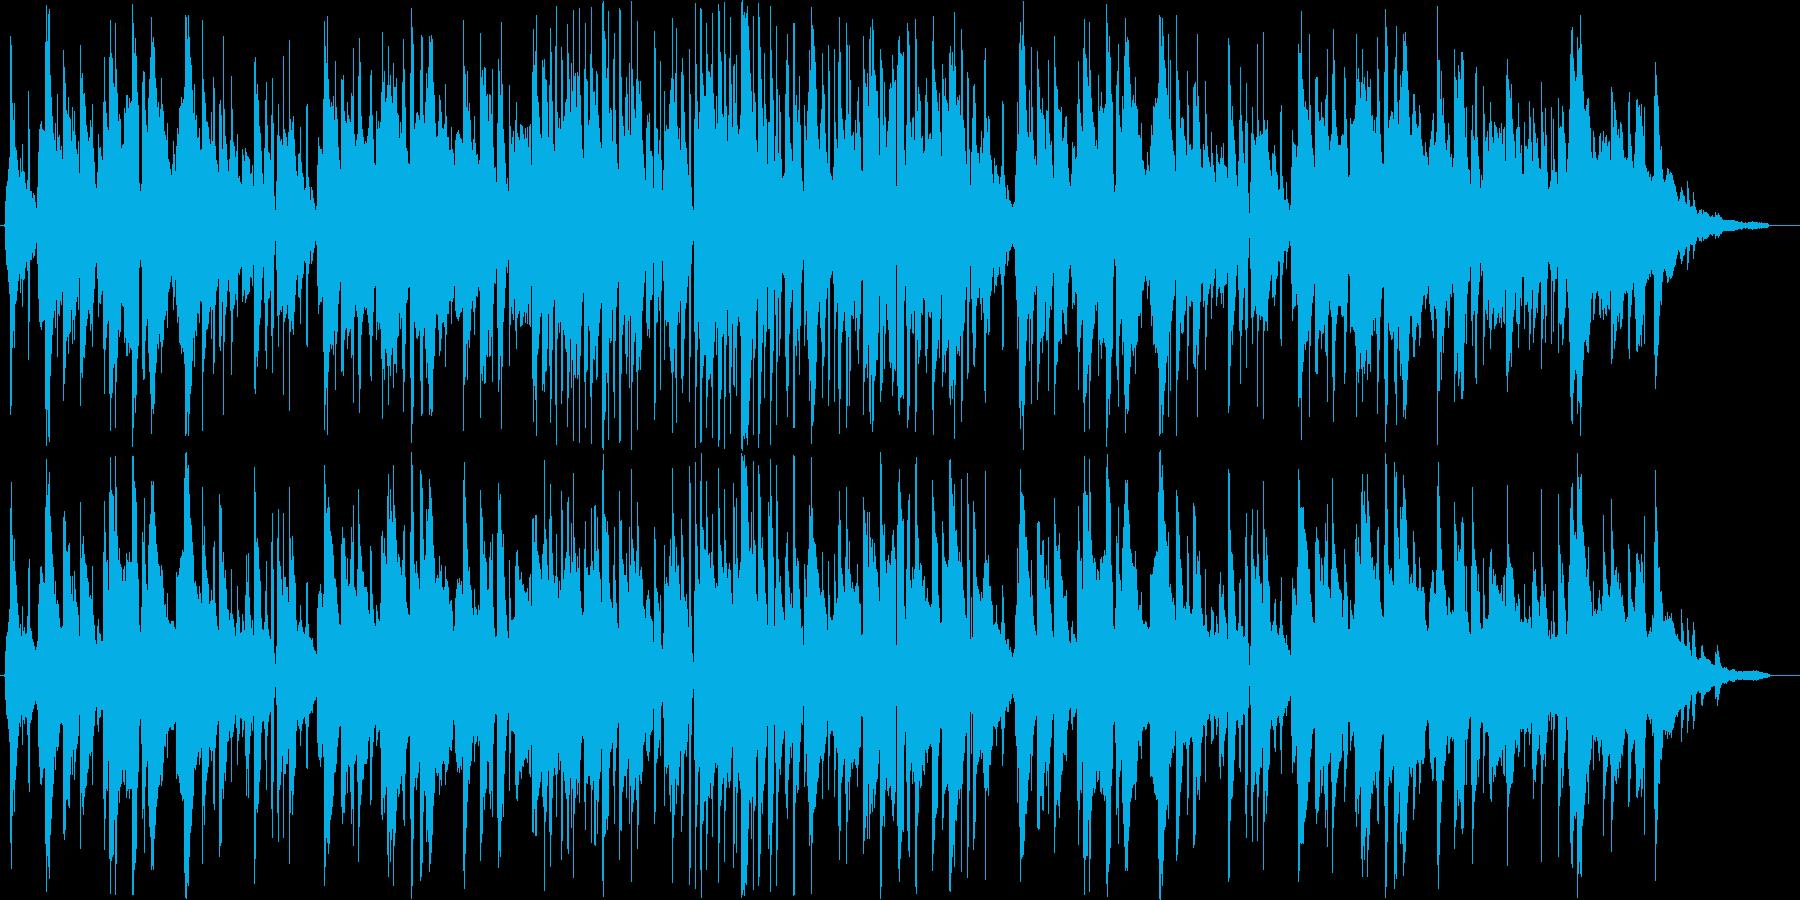 フランス・ジャズアコーディオンのワルツの再生済みの波形